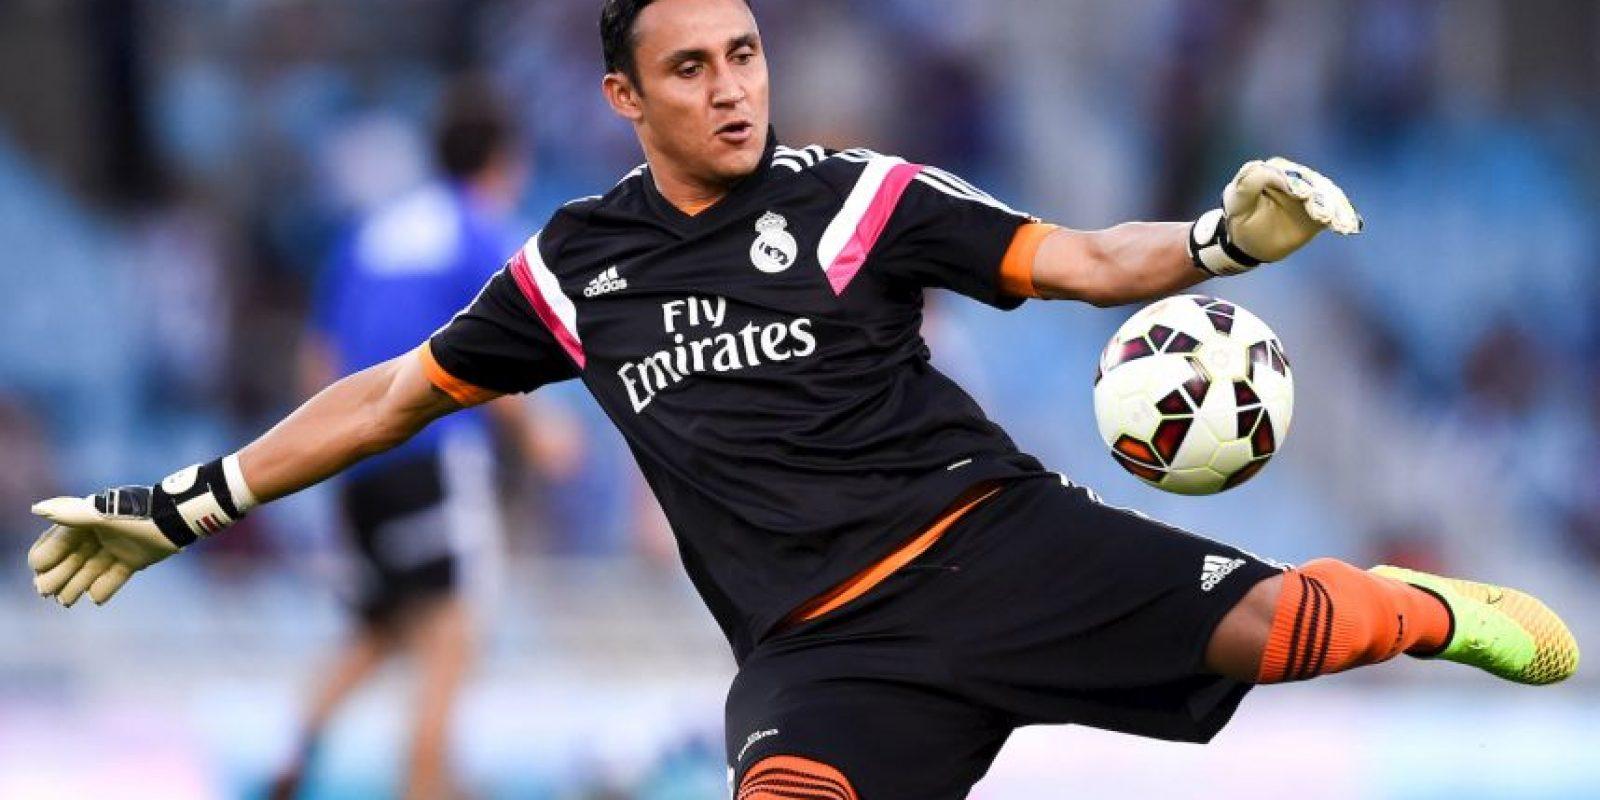 Sueña con ser el portero titular del Madrid Foto:Getty Images